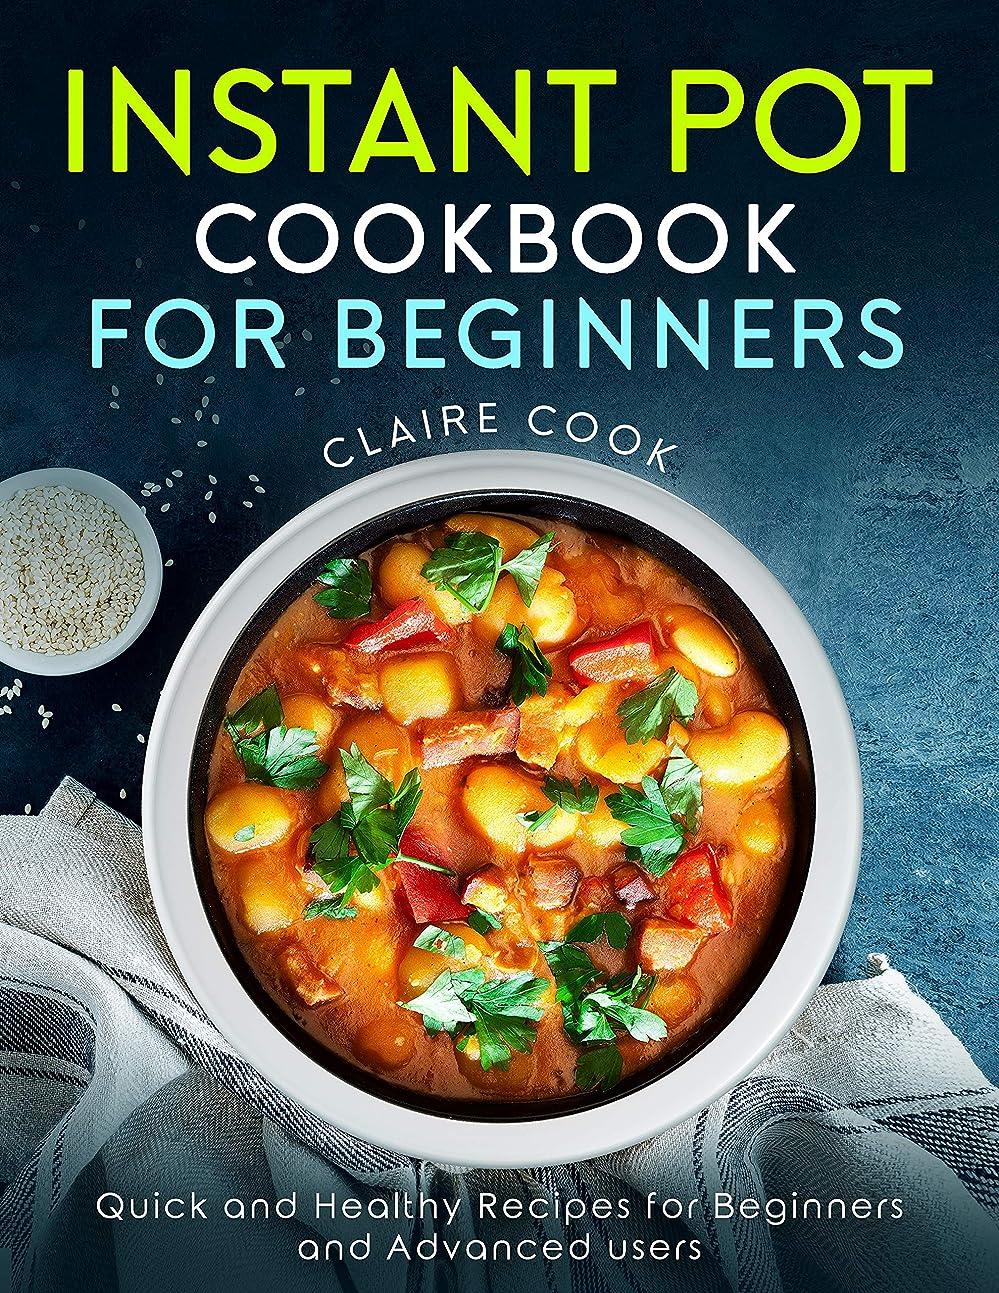 あいまいさ発症中世のInstant Pot Cookbook for Beginners: Quick and Healthy Recipes for Beginners and Advanced Users (English Edition)